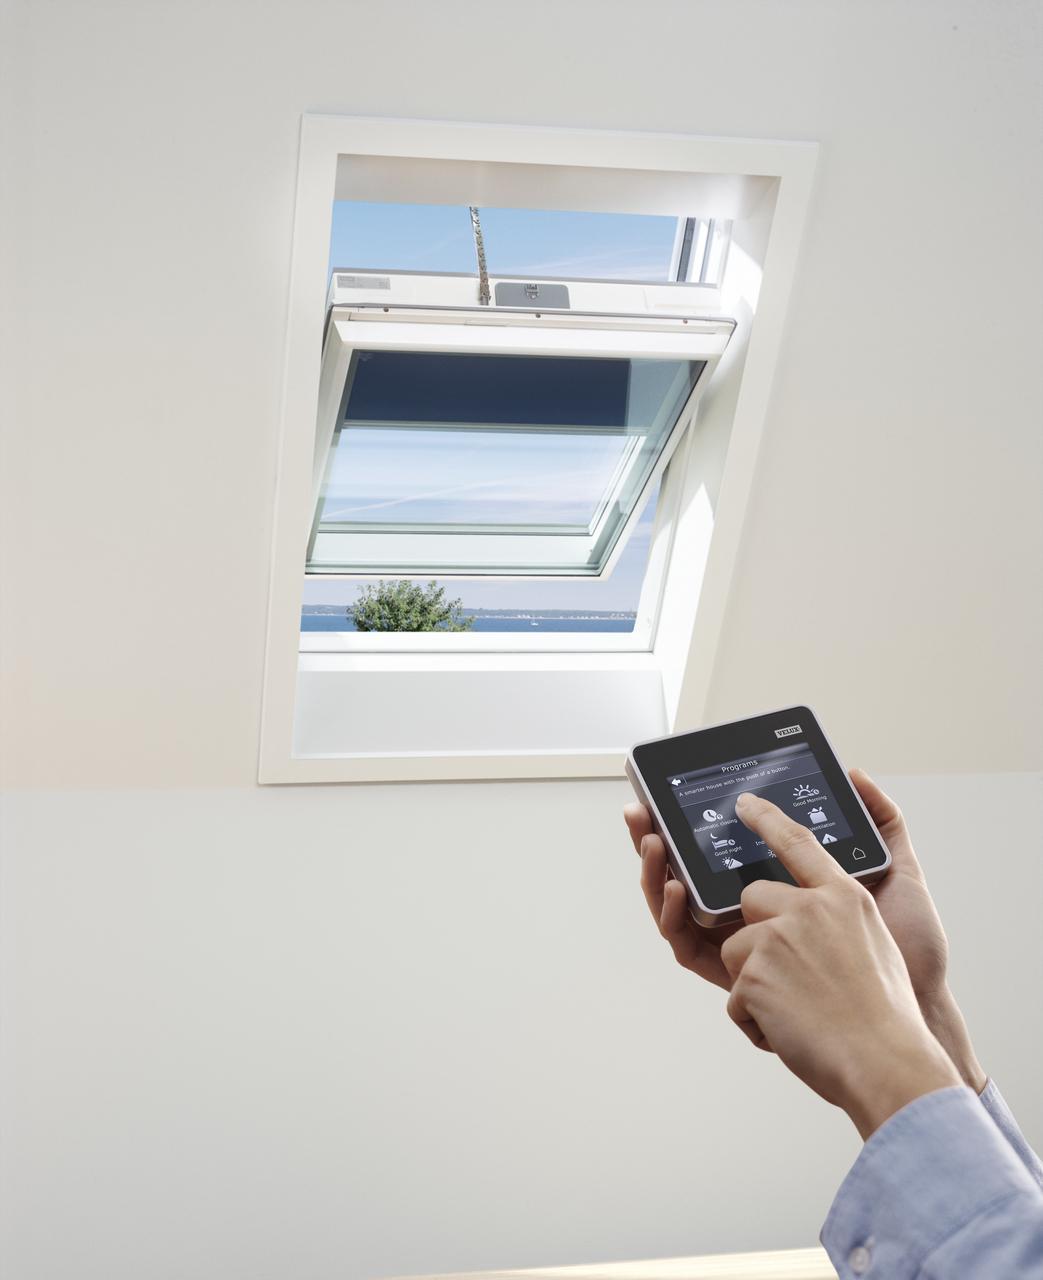 Velux Ggu Salle De Bain ~ velux ggu passive house roof window